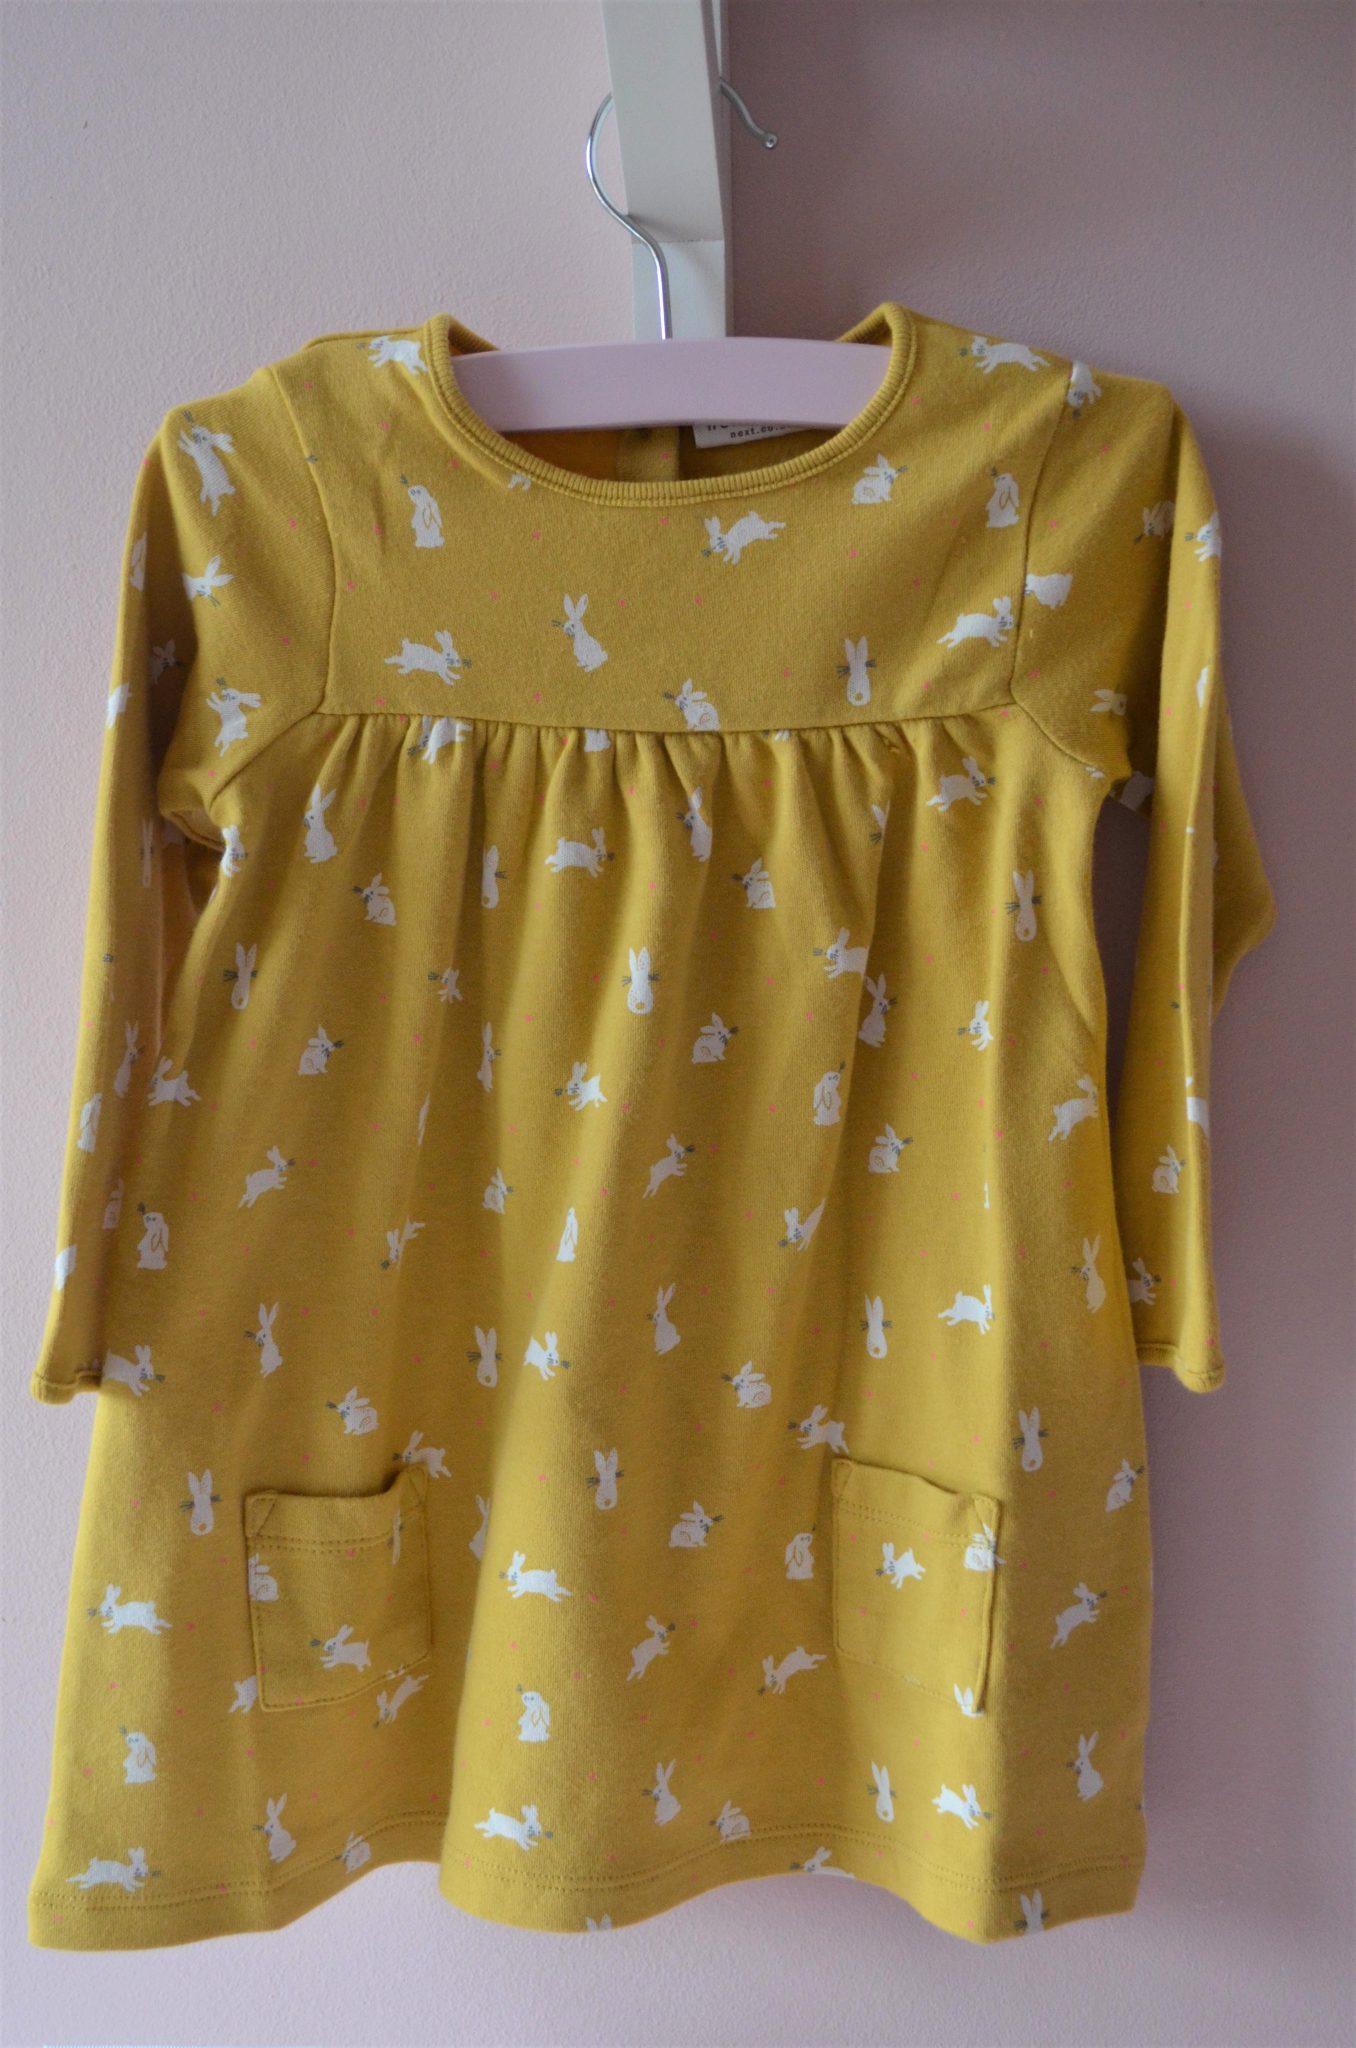 DSC 0341 3264x4928 - Herfstkleding voor Hazel van de H&M en Next Direct